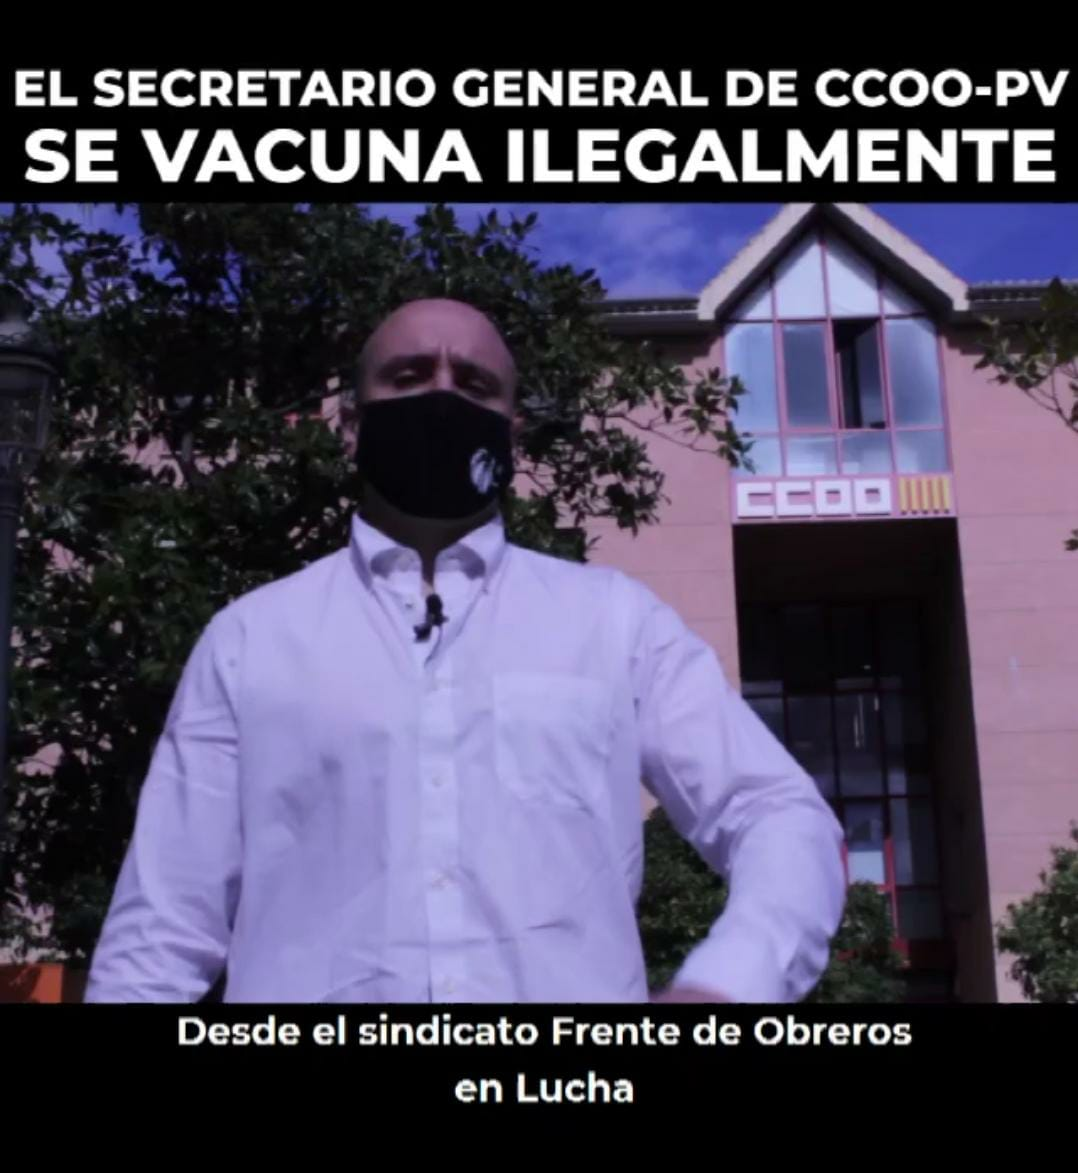 El Secretario General De CCOO-PV Se Vacuna Ilegalmente